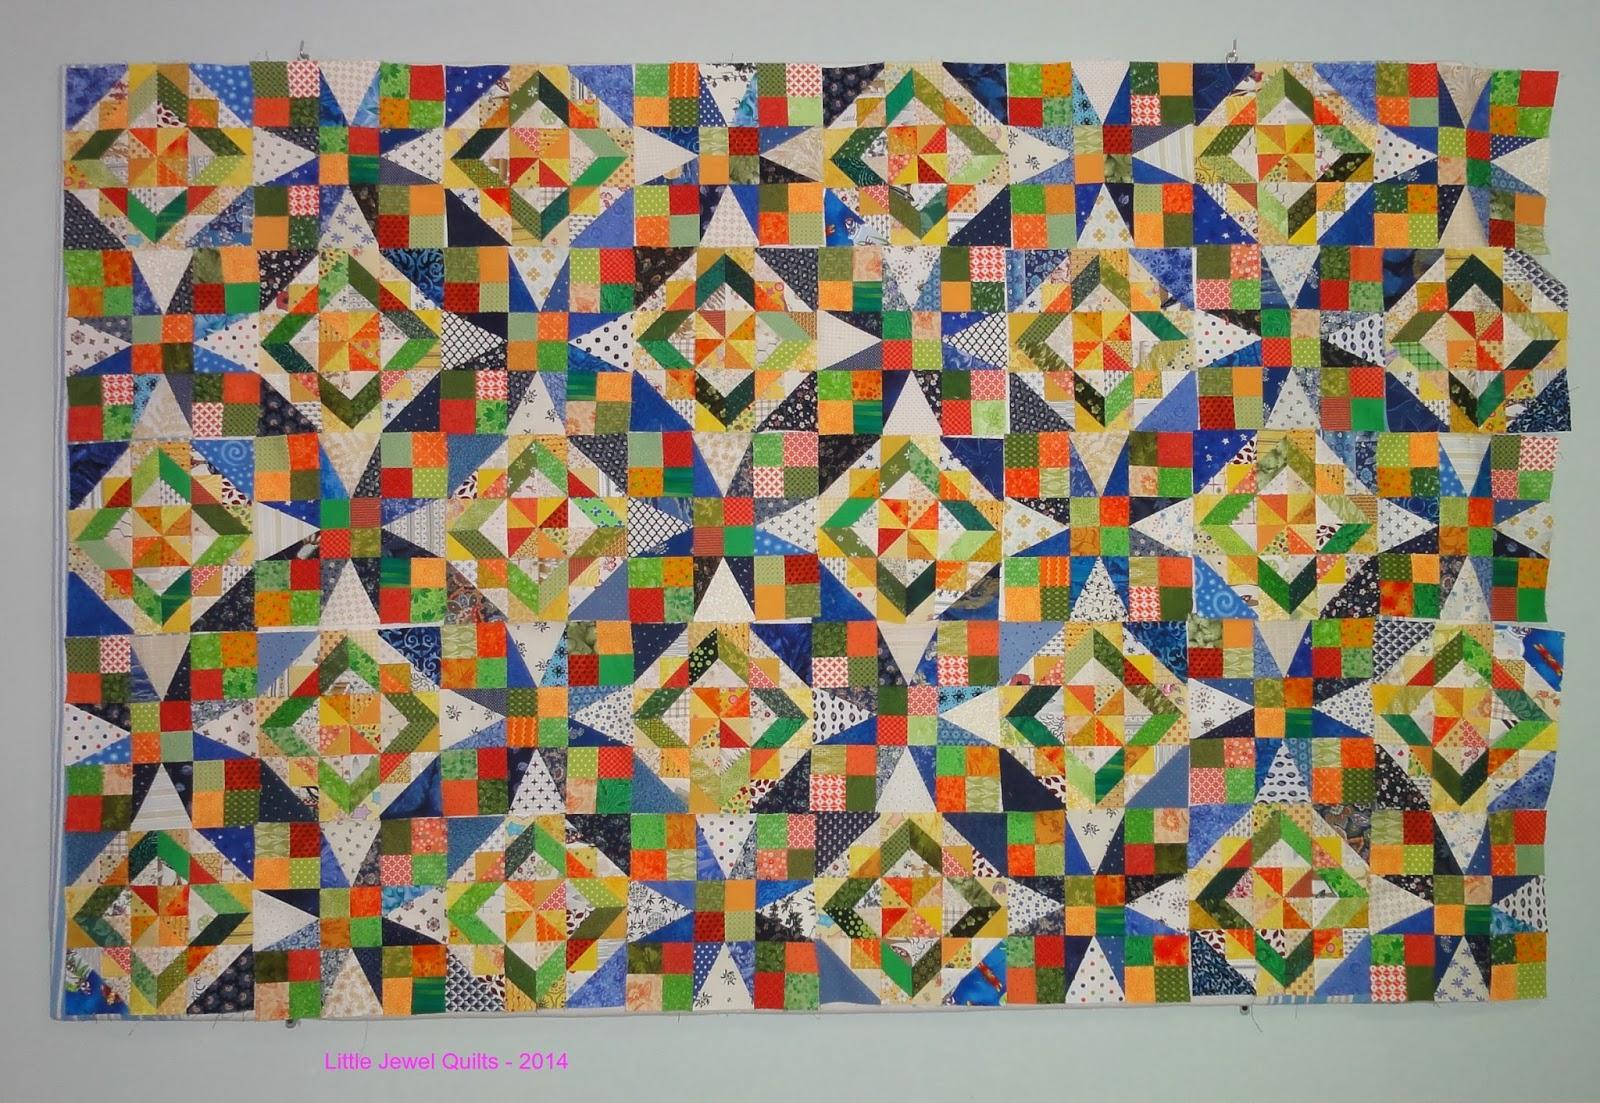 Little Jewel Quilts: Celtic Solstice - Building Blocks